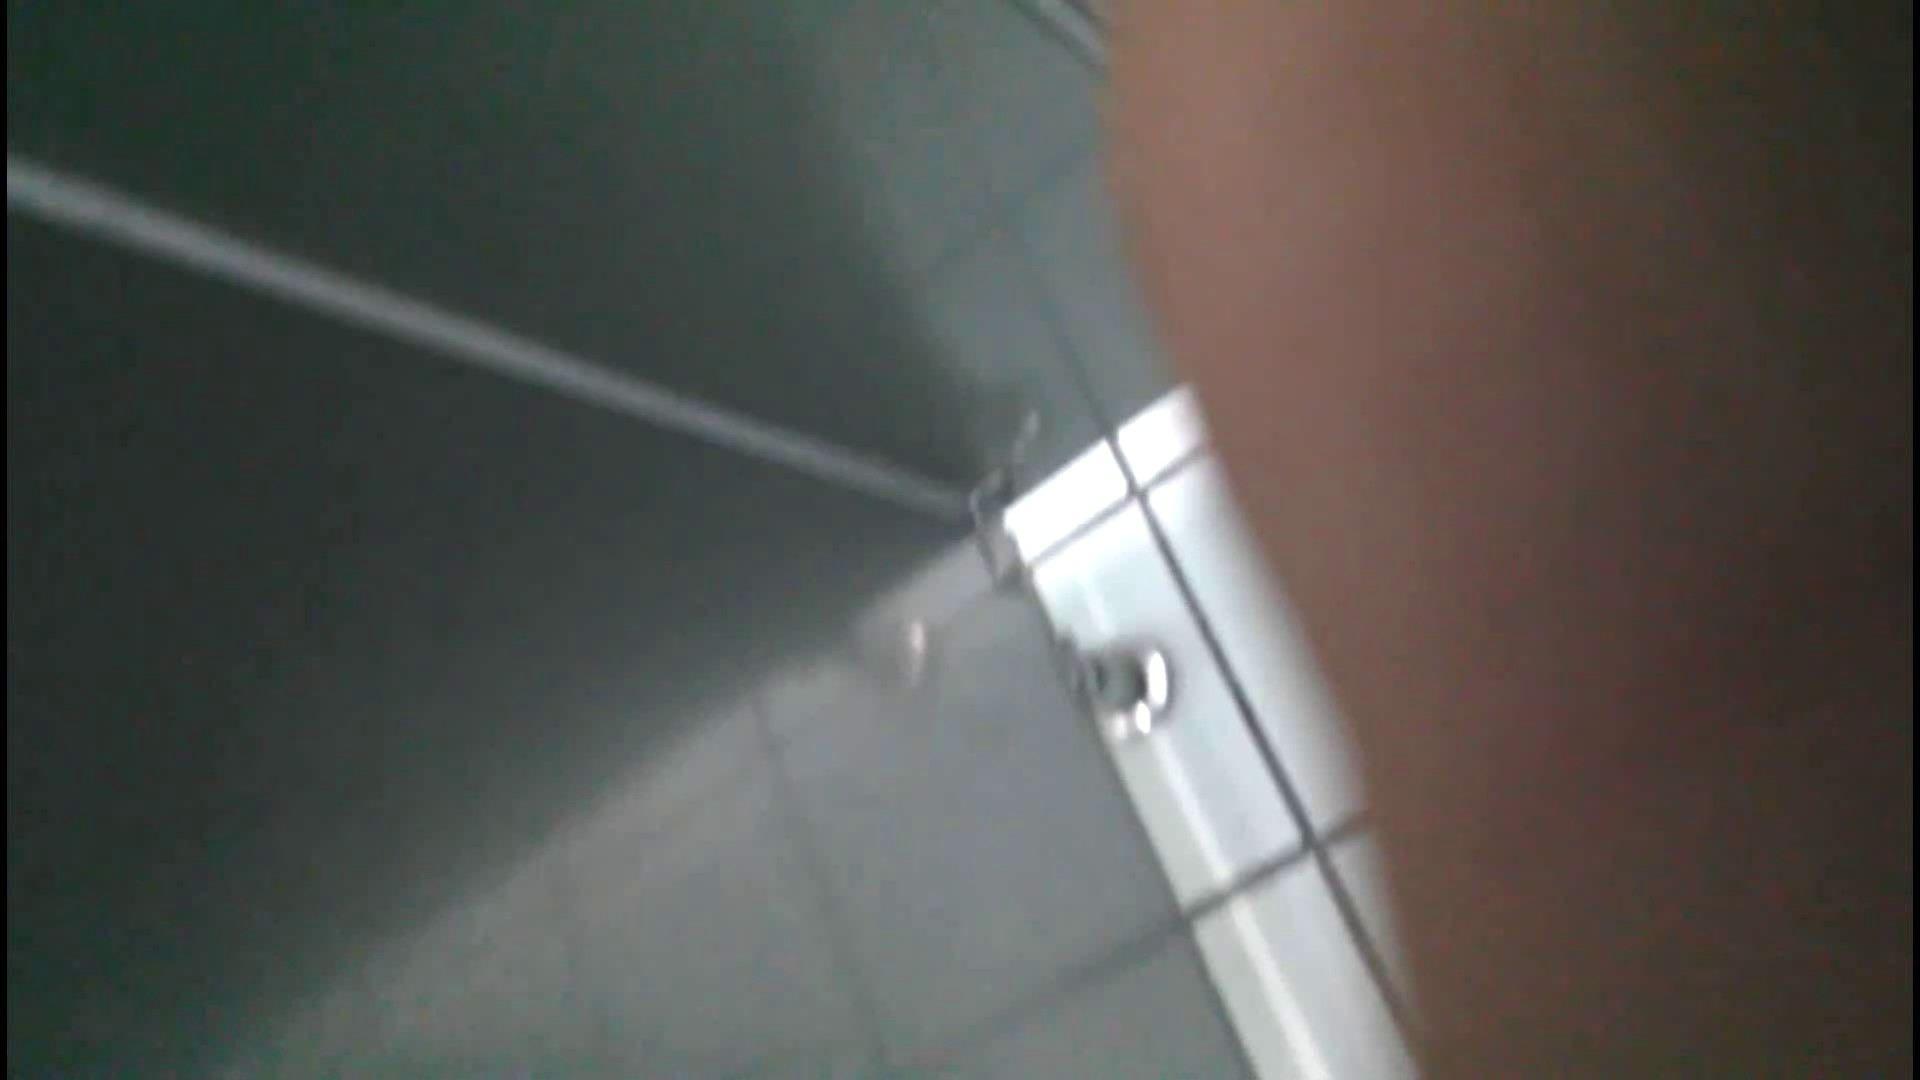 潜入!!韓国秘密のトイレ!Vol.15 OLの実態 盗撮AV動画キャプチャ 98pic 42